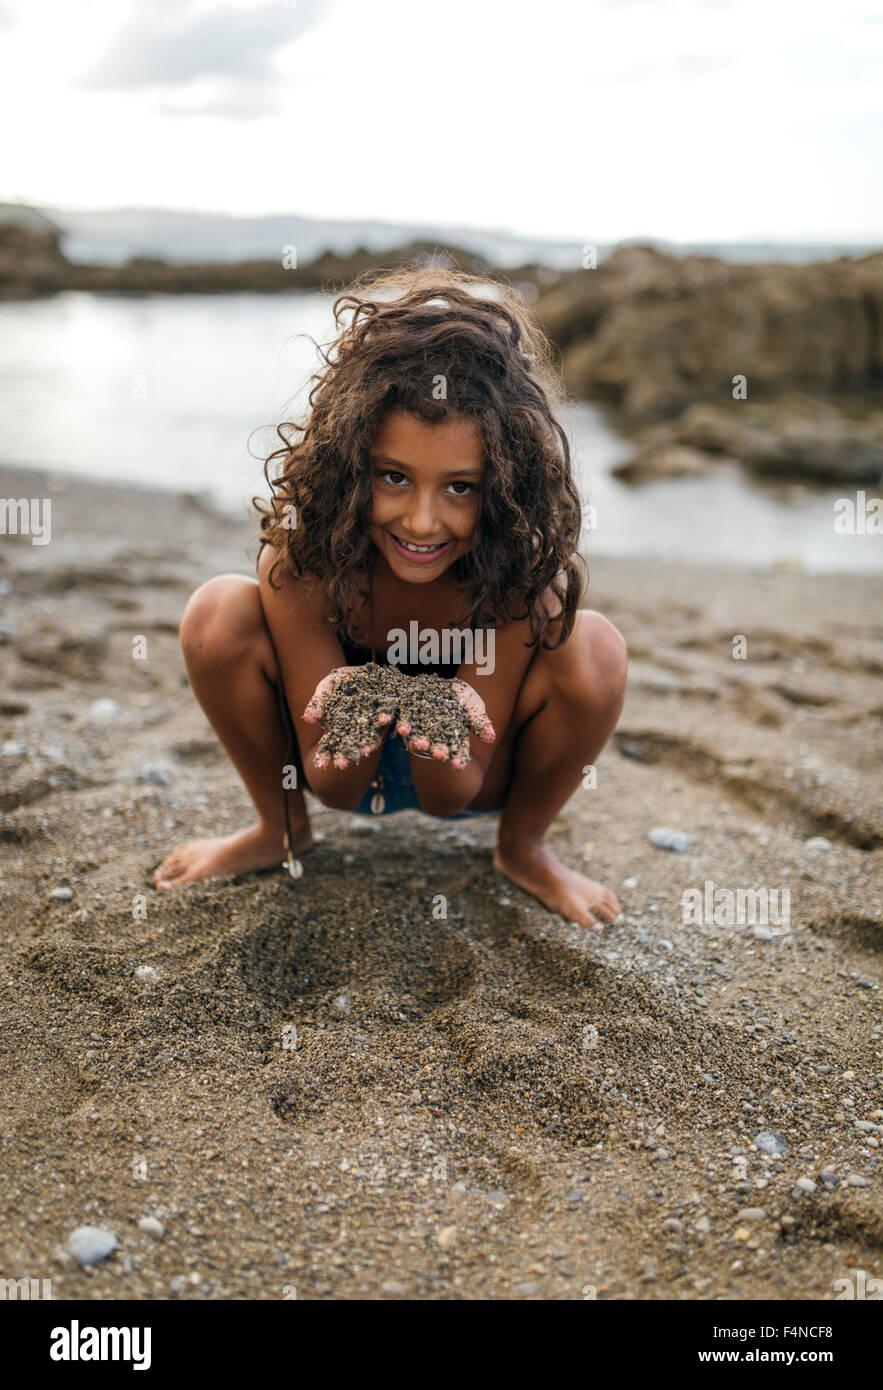 Spain Gijon Portrait Of Smiling Little Girl Holding Sand